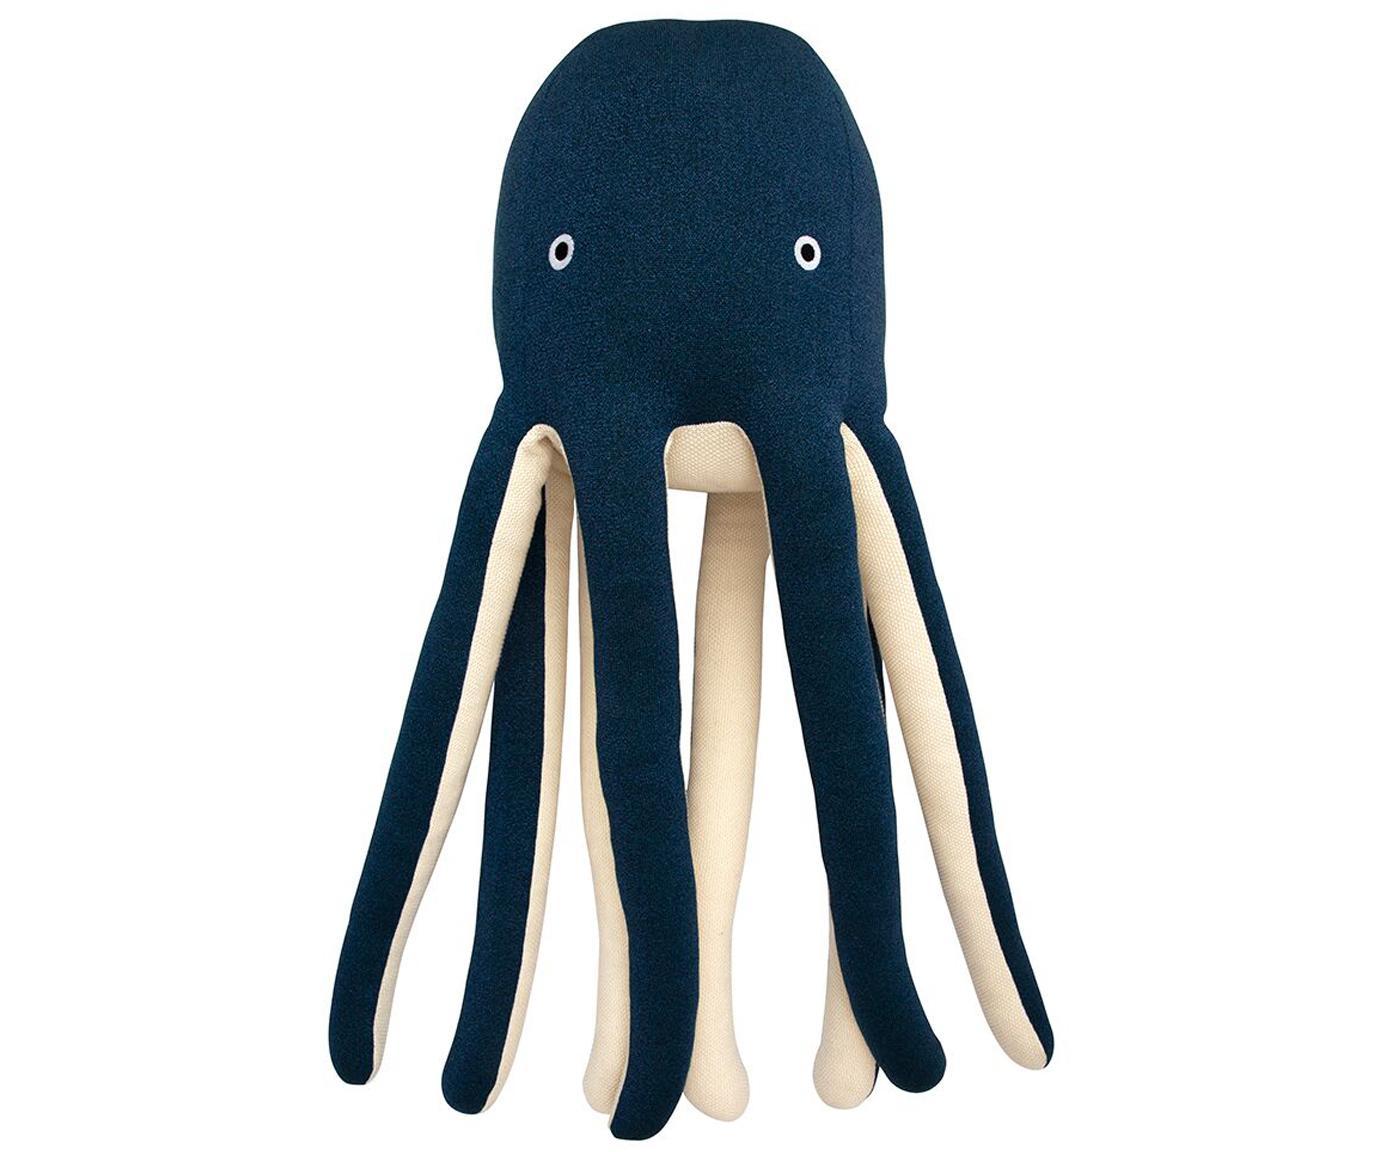 XL Kuscheltier Octopus Cosmo aus Bio-Baumwolle, Bio-Baumwolle, OCS-zertifiziert, Dunkelblau, Creme, 33 x 81 cm